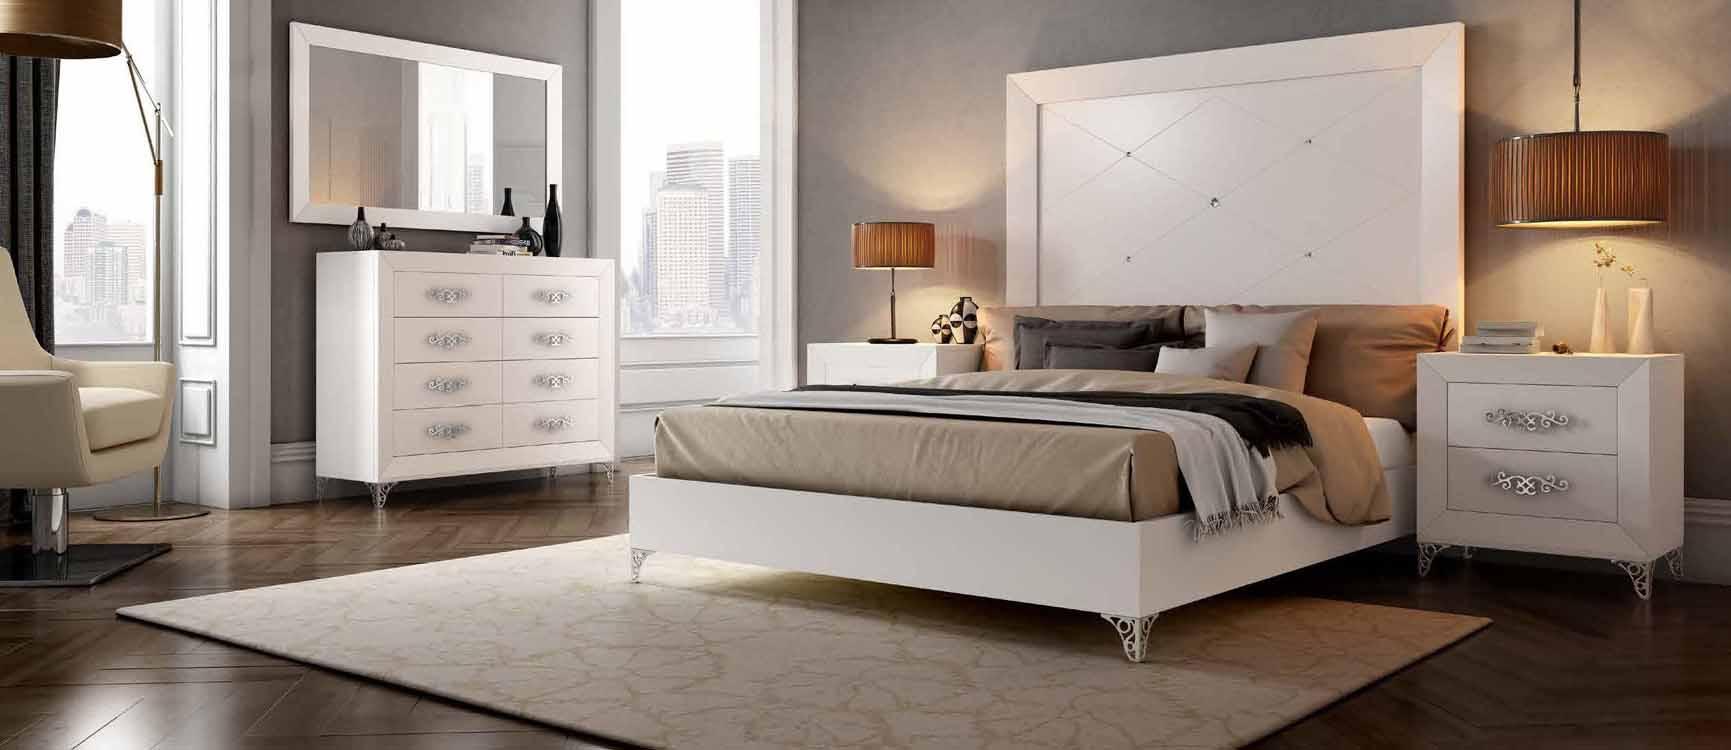 http://www.munozmuebles.net/nueva/catalogo/dormitorios-clasicos.html - Conjuntos  de muebles con promociones